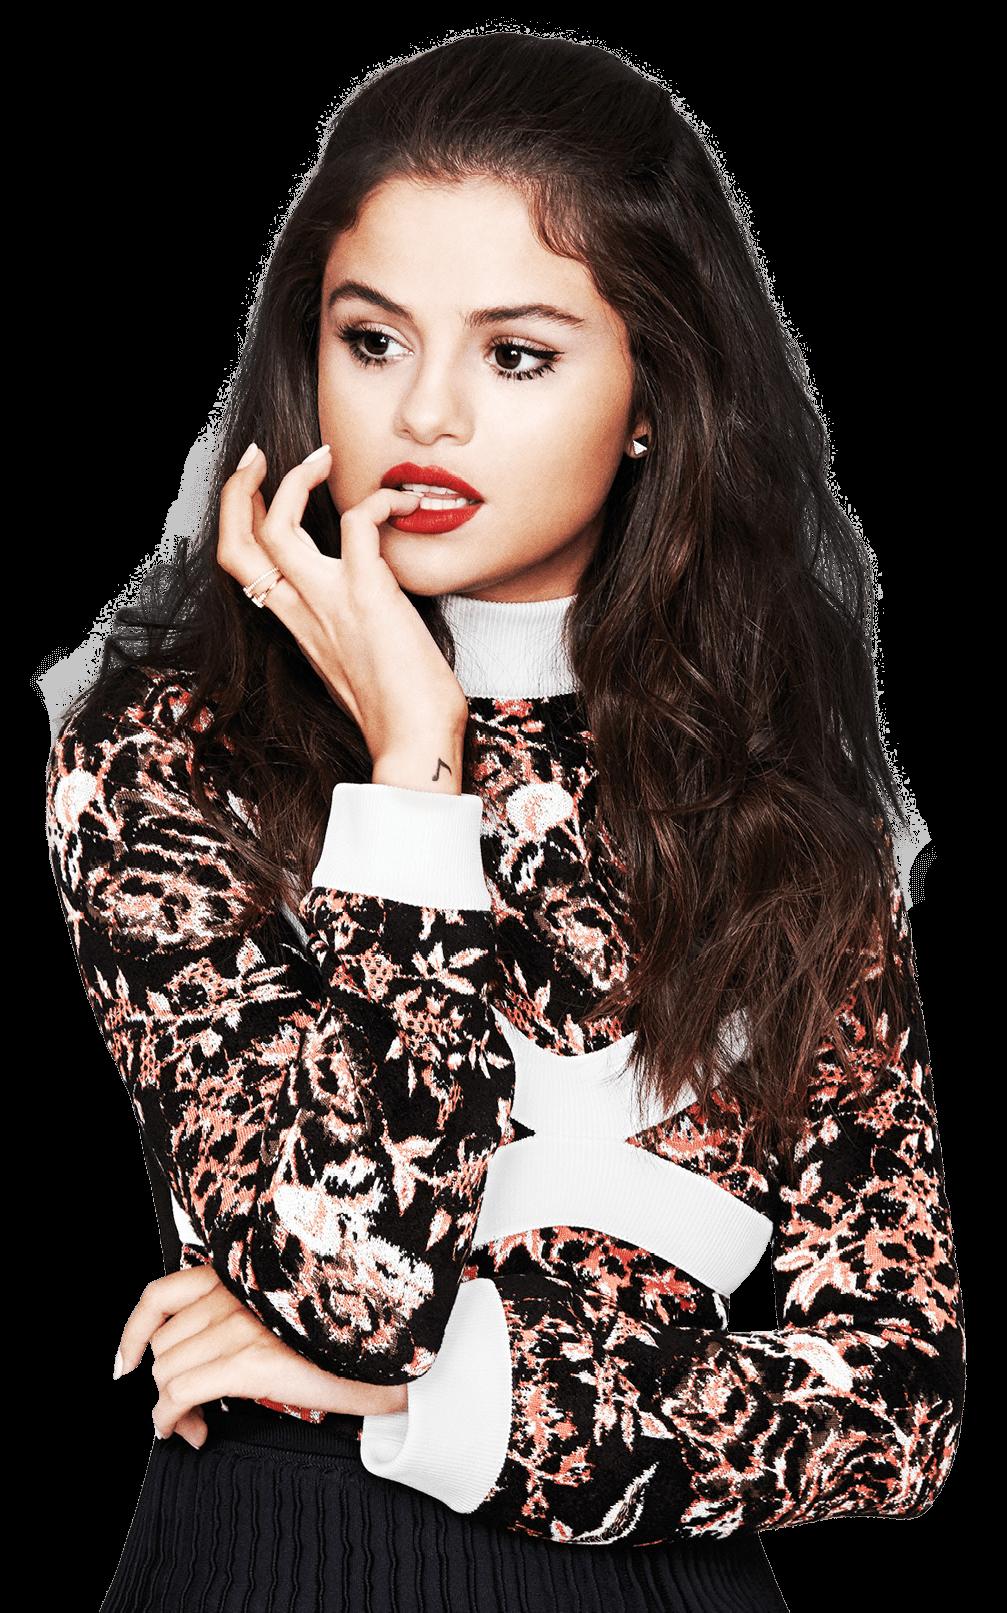 Selena Gomez Thinking PNG Image